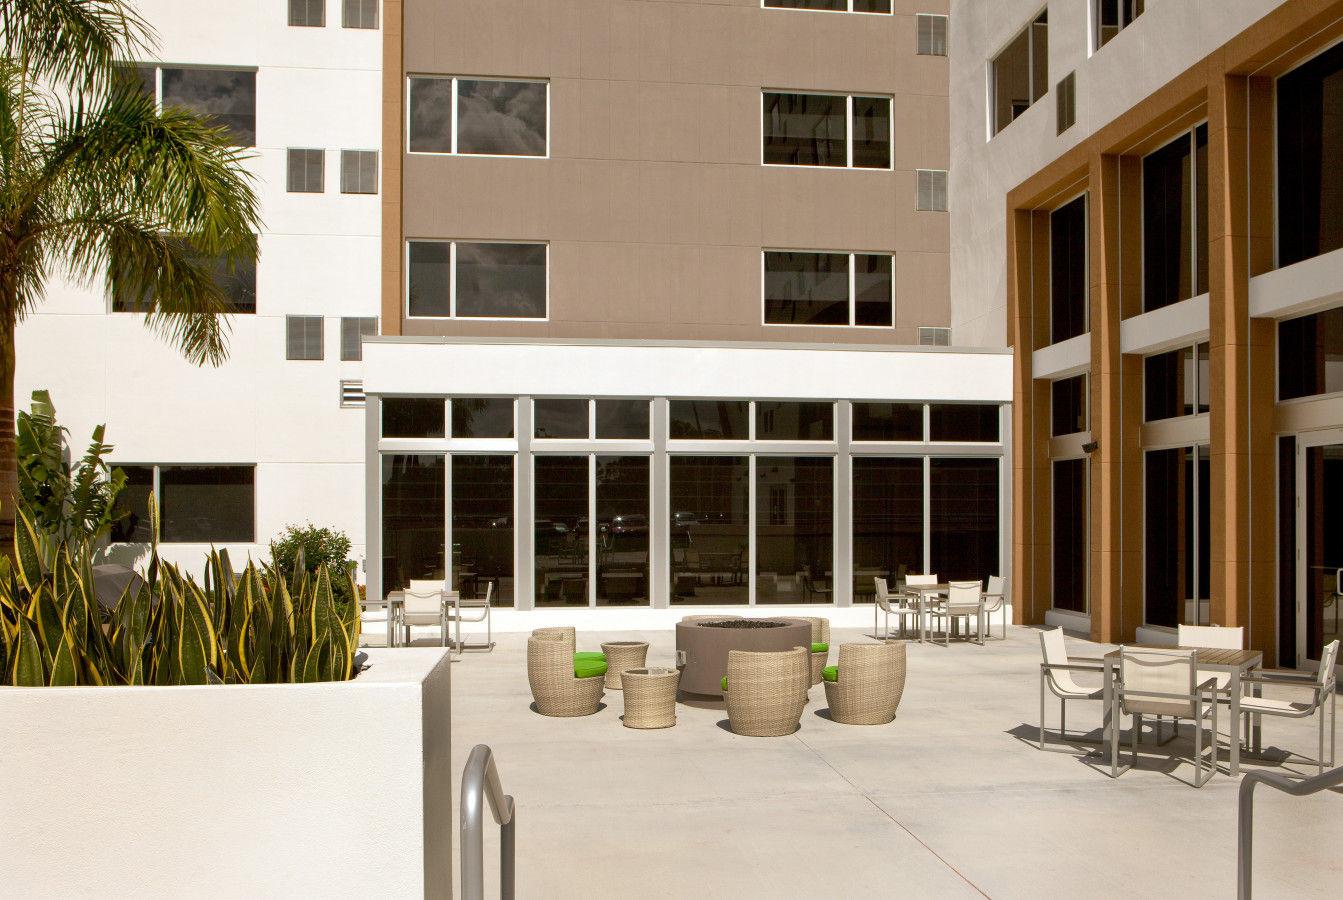 Element Courtyard